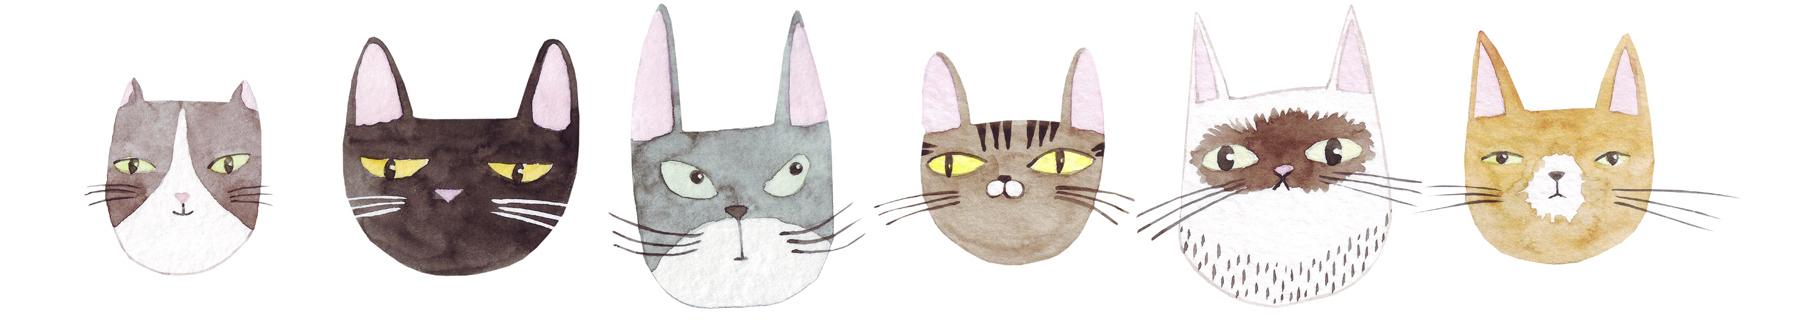 Obraz do pokoju dziecka z kotami